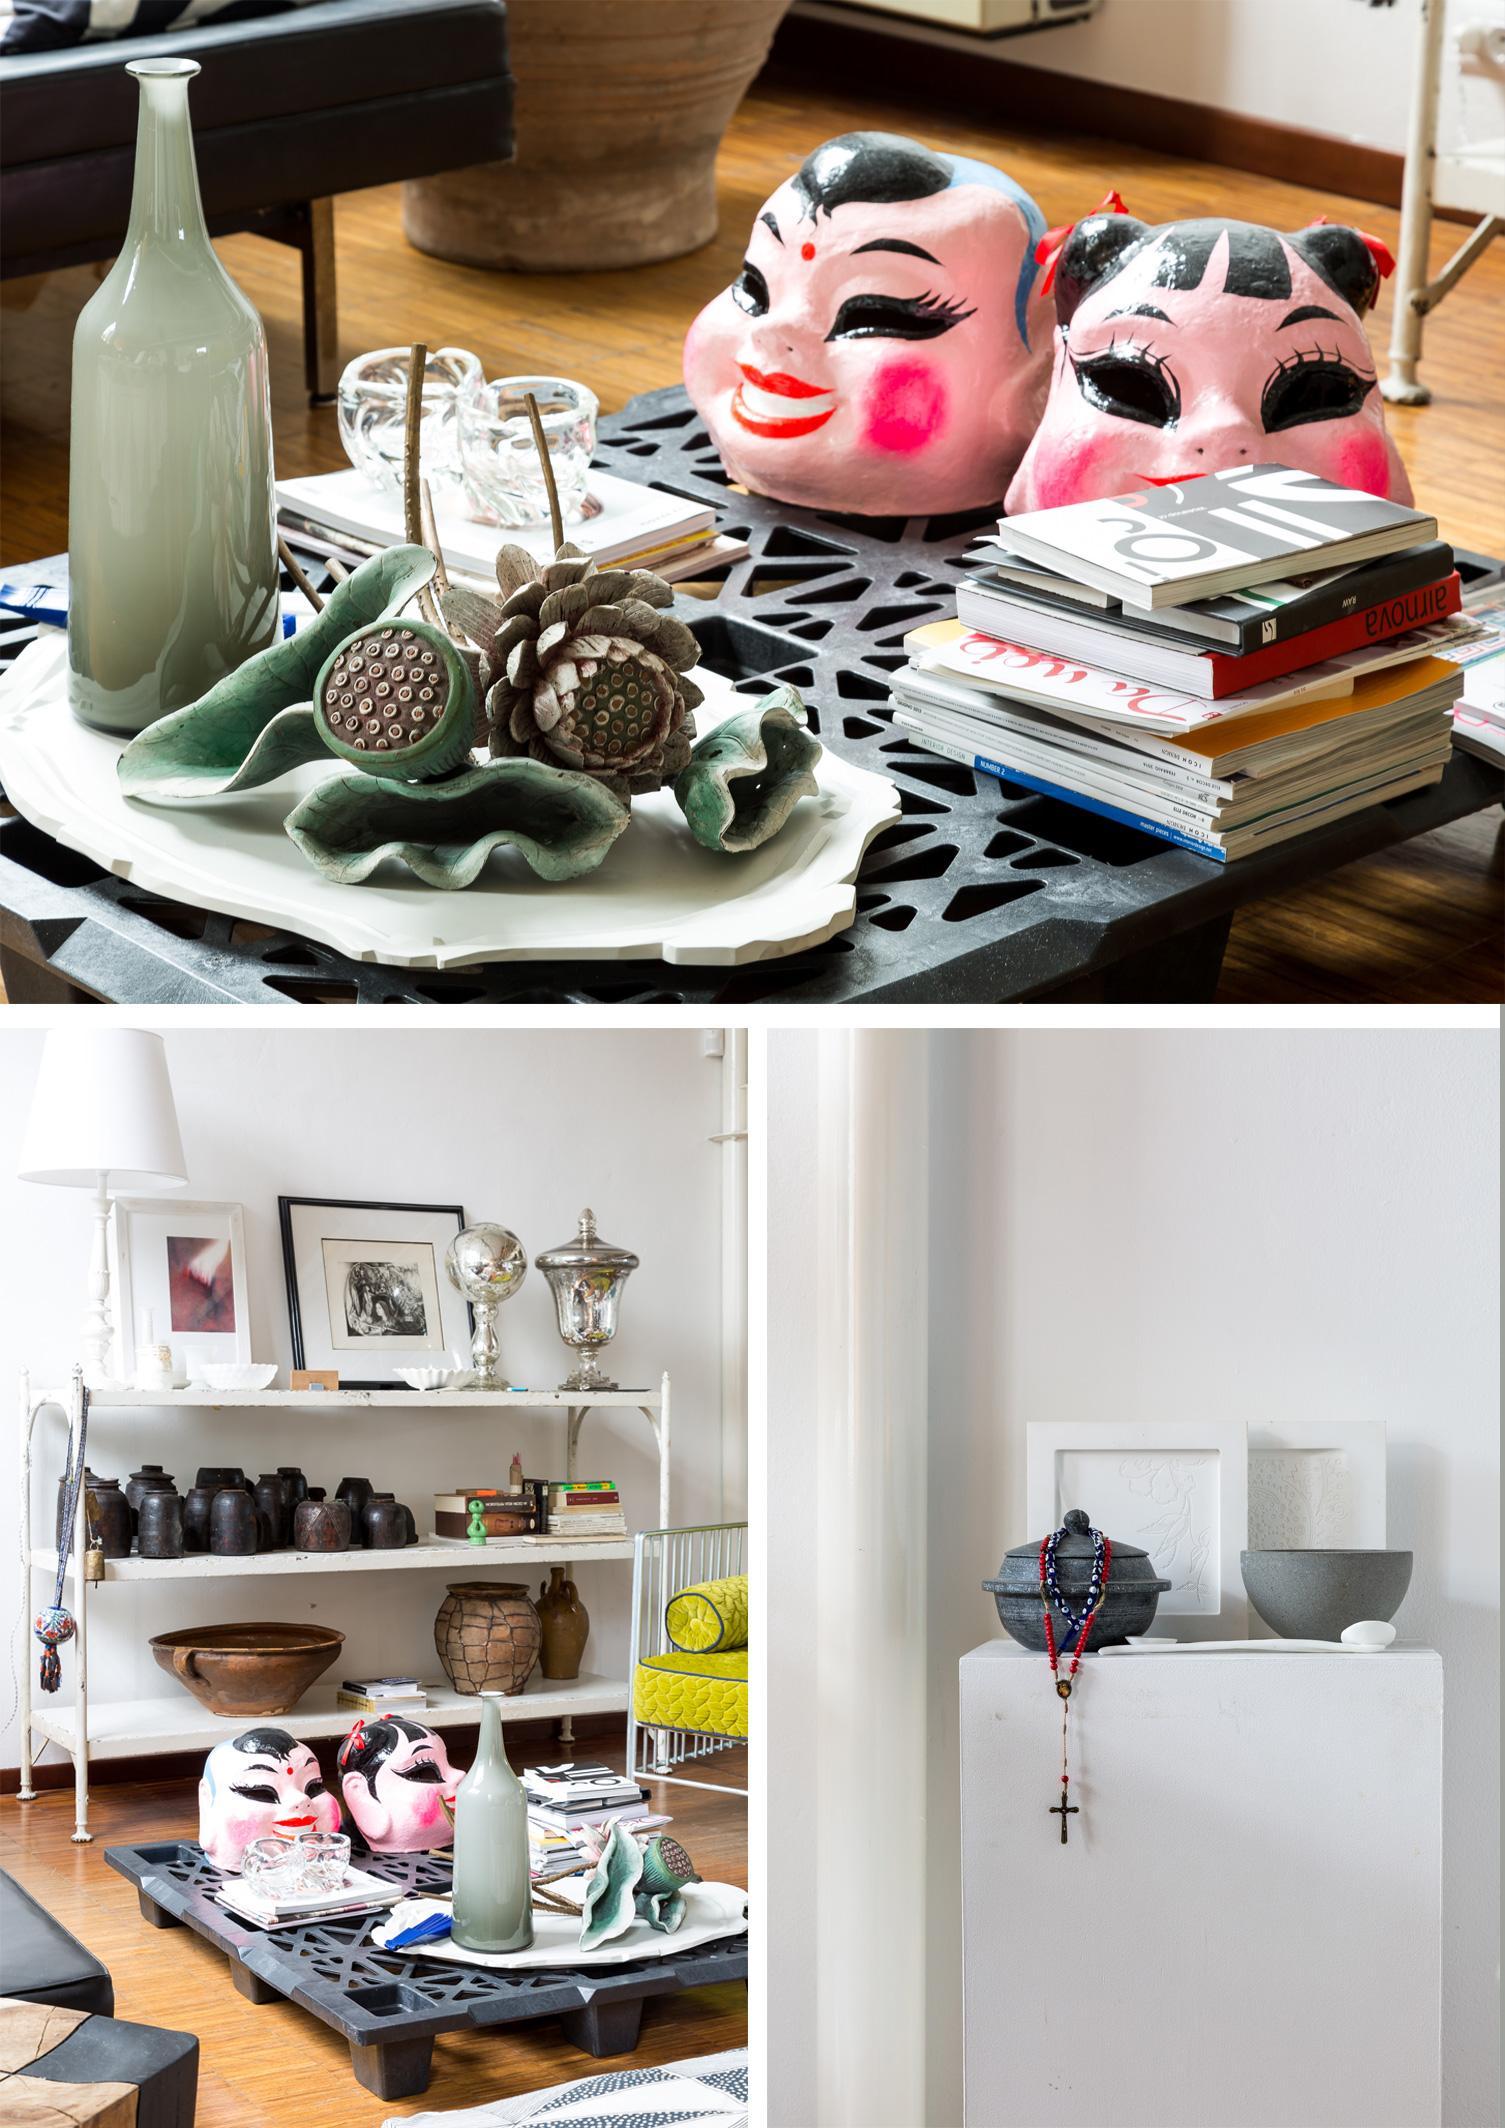 Gian Paolo Venier, Casa, Stile, Milano, Design